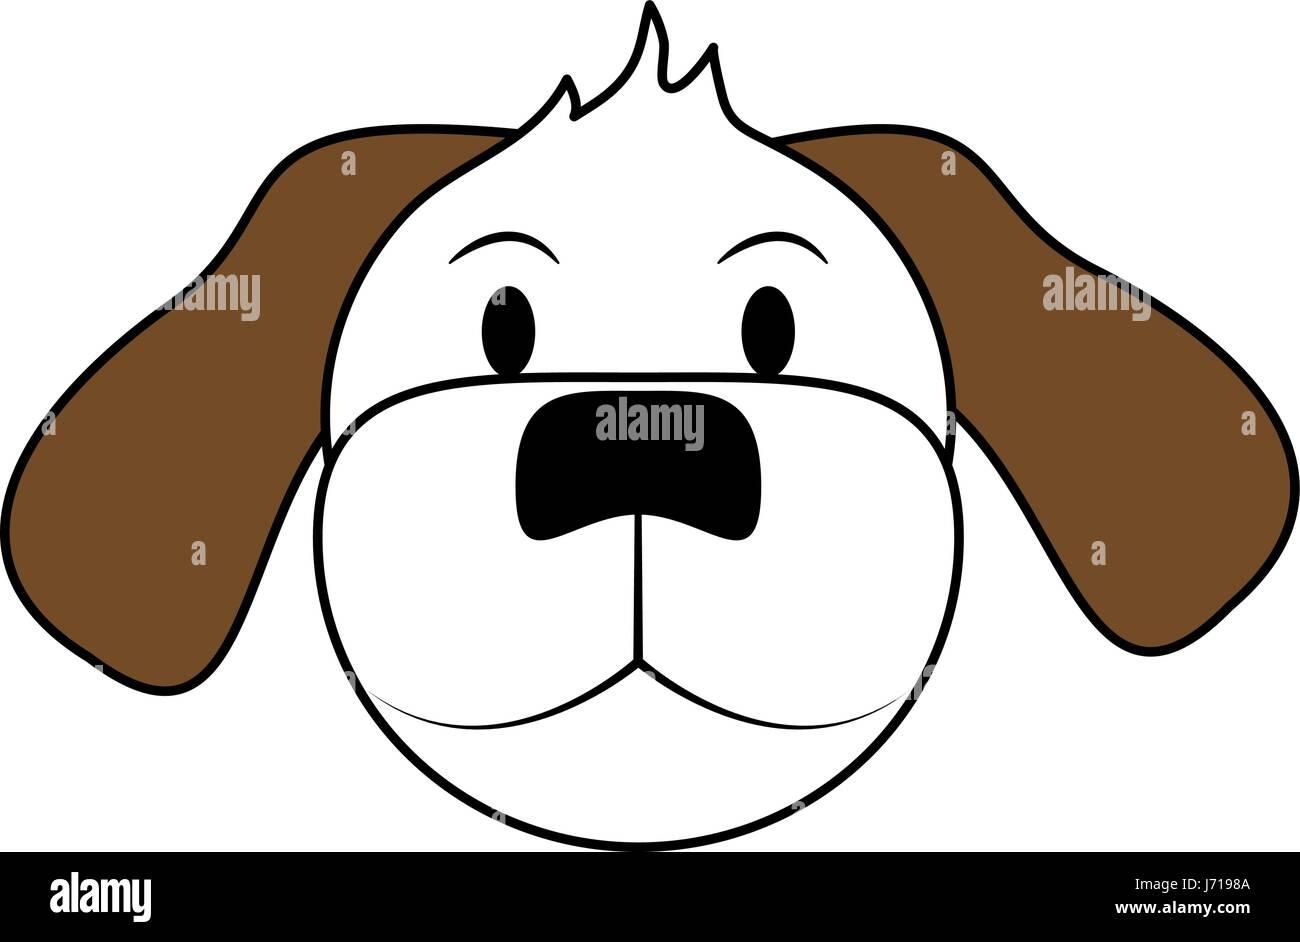 Silueta Blanco Y Marrón De Cartoon Vista Frontal Face Dog